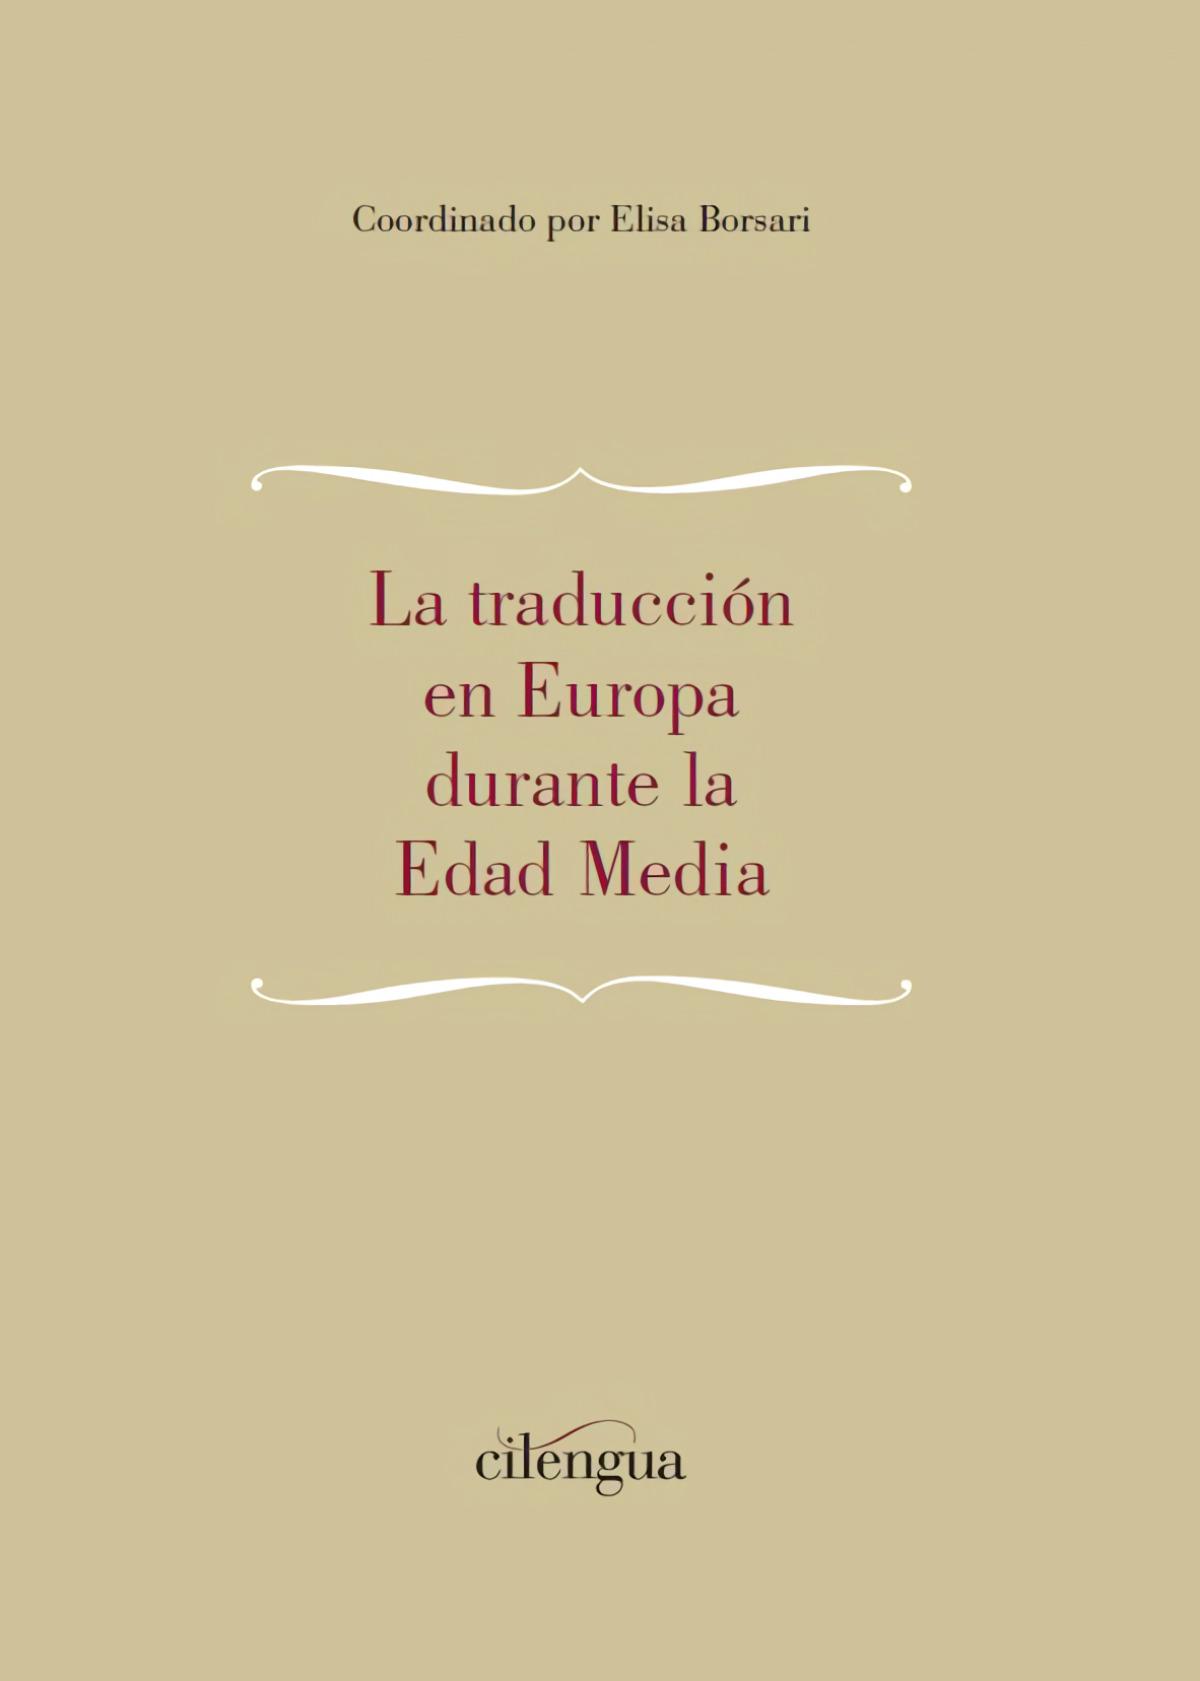 TRADUCCIÓN EN EUROPA DURANTE LA EDAD MEDIA, LA